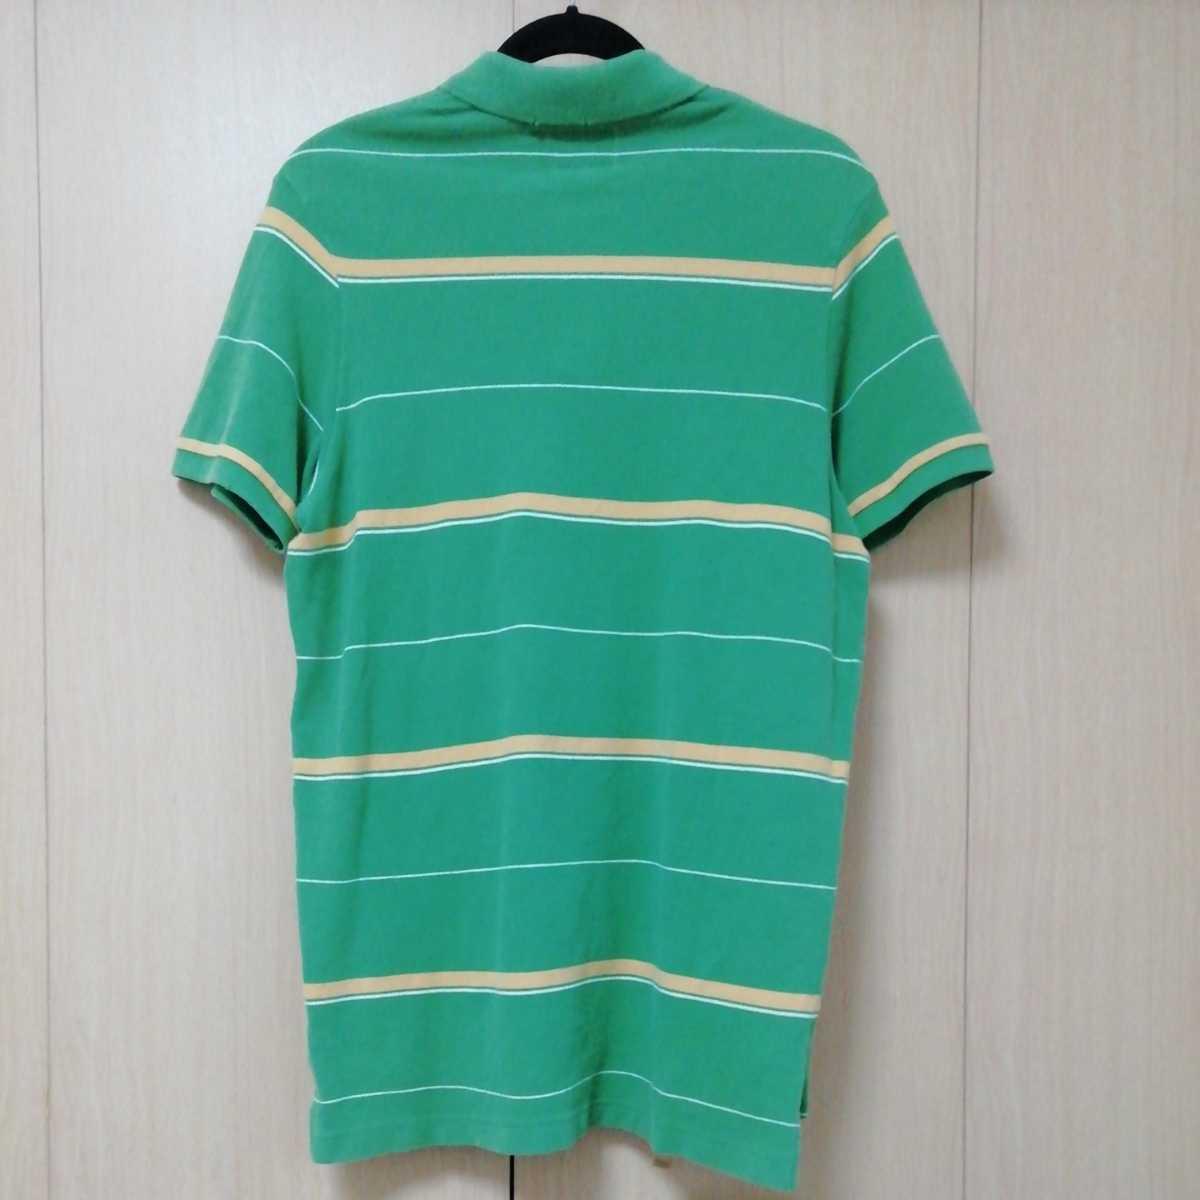 アバクロンビー&フィッチ 半袖ポロシャツ M グリーン